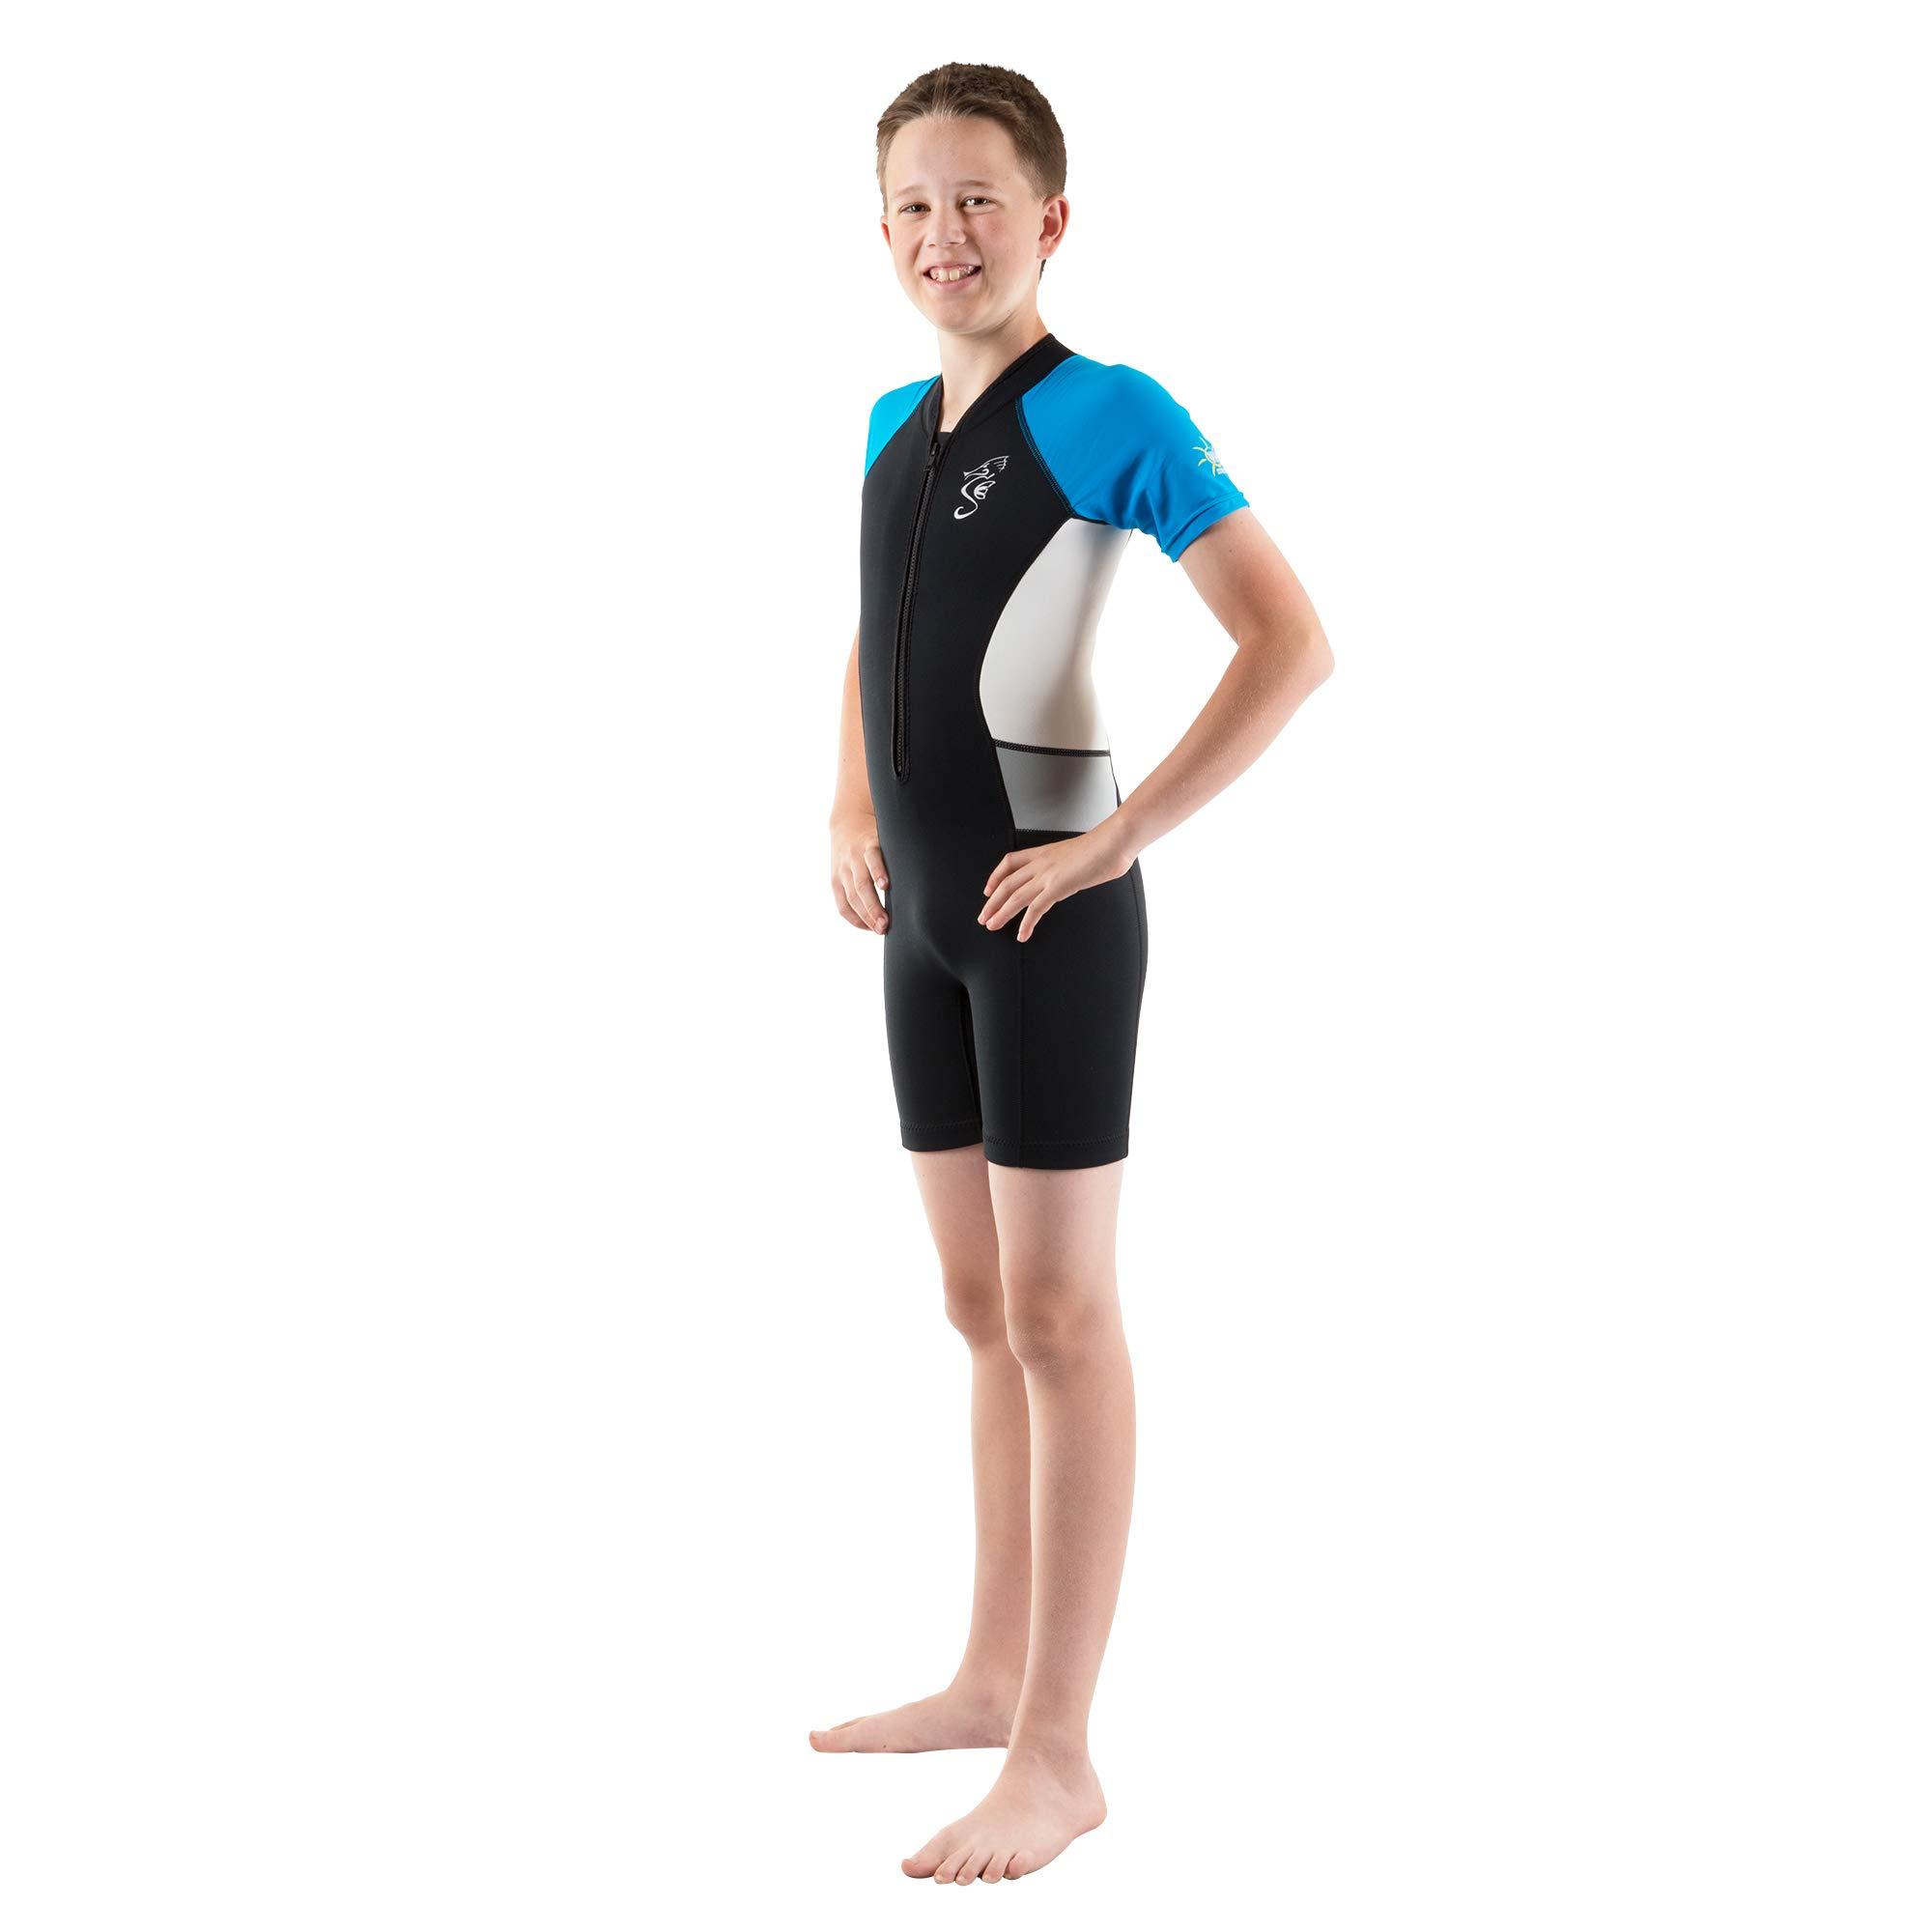 Seavenger Cadet 2mm Kids Shorty | Child Neoprene Wetsuit for Snorkeling, Surfing and Swimming (Blue, 6/6X) by Seavenger